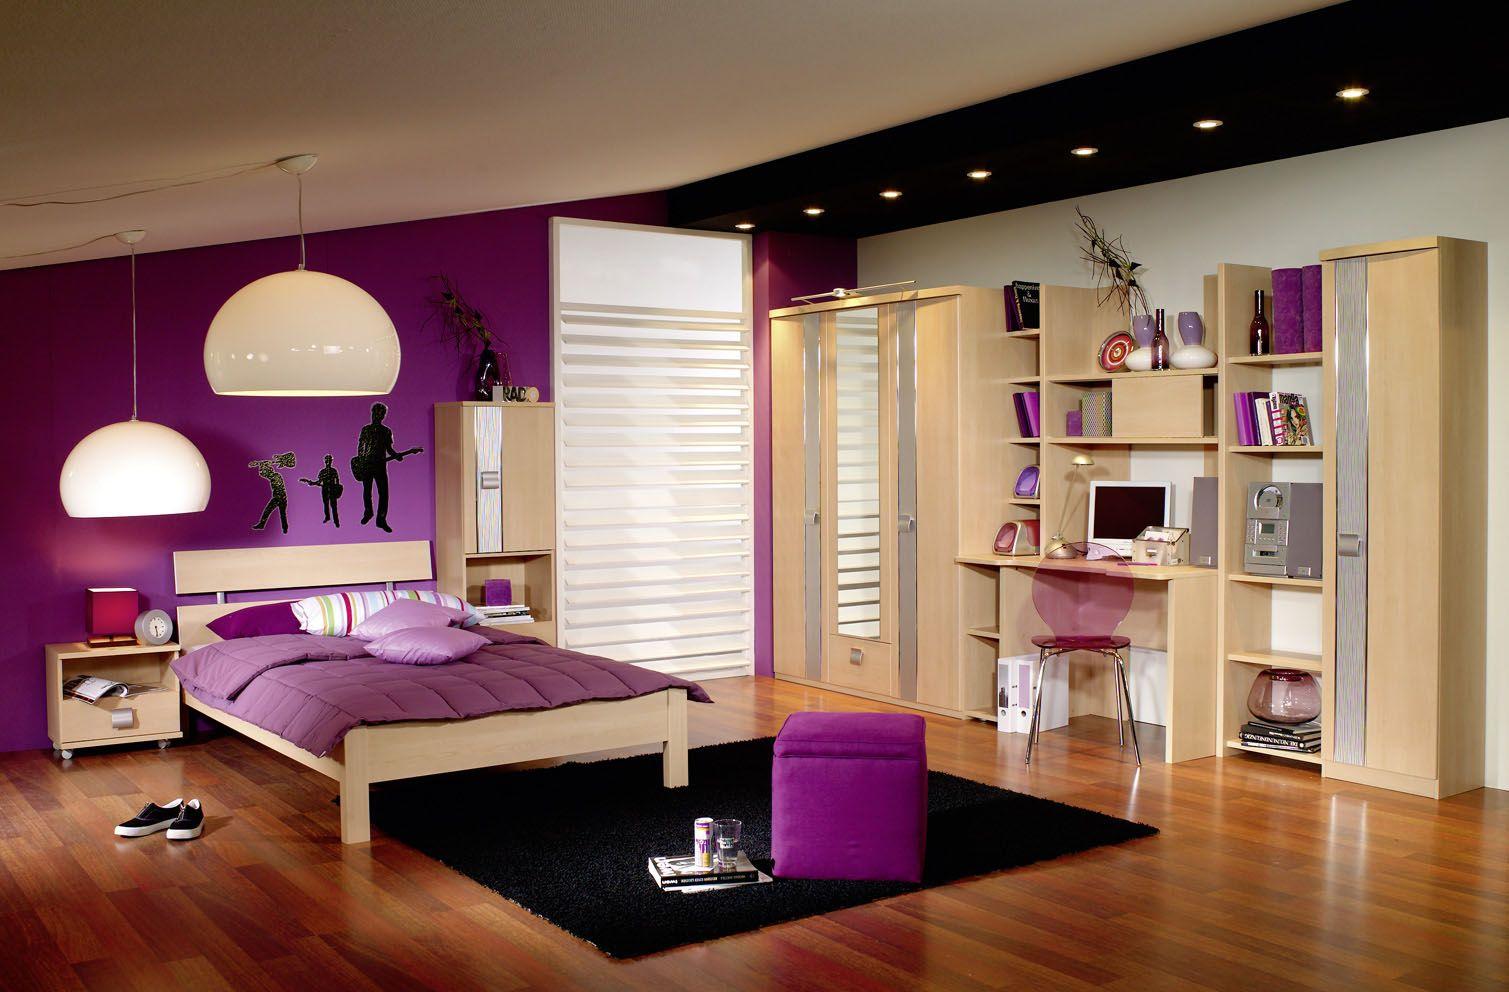 habitaciones para adolescentes mujeres moradas - Buscar con Google ...